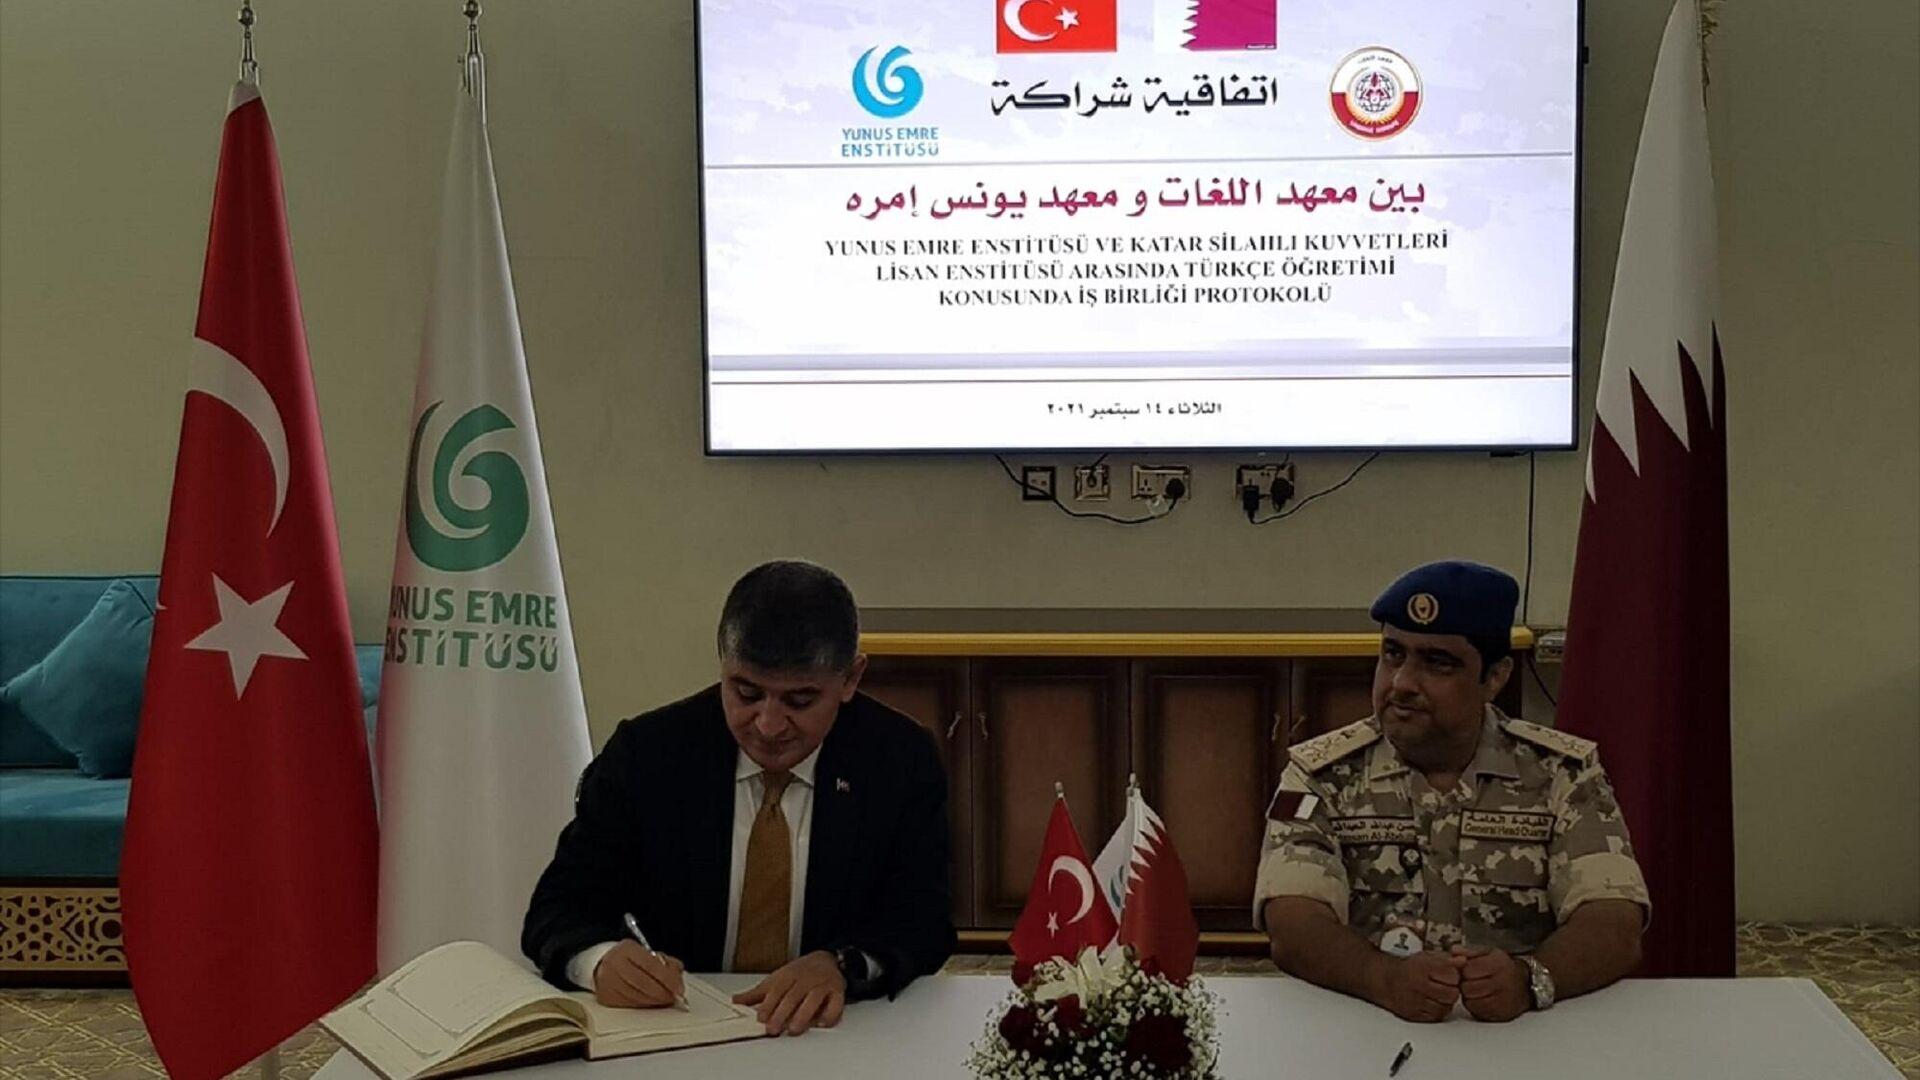 Yunus Emre Enstitüsü (YYE) ile Katar Silahlı Kuvvetleri Dil Okulu arasında Türkçe kursu eğitimi alanında işbirliği anlaşması imzalandı. - Sputnik Türkiye, 1920, 17.09.2021